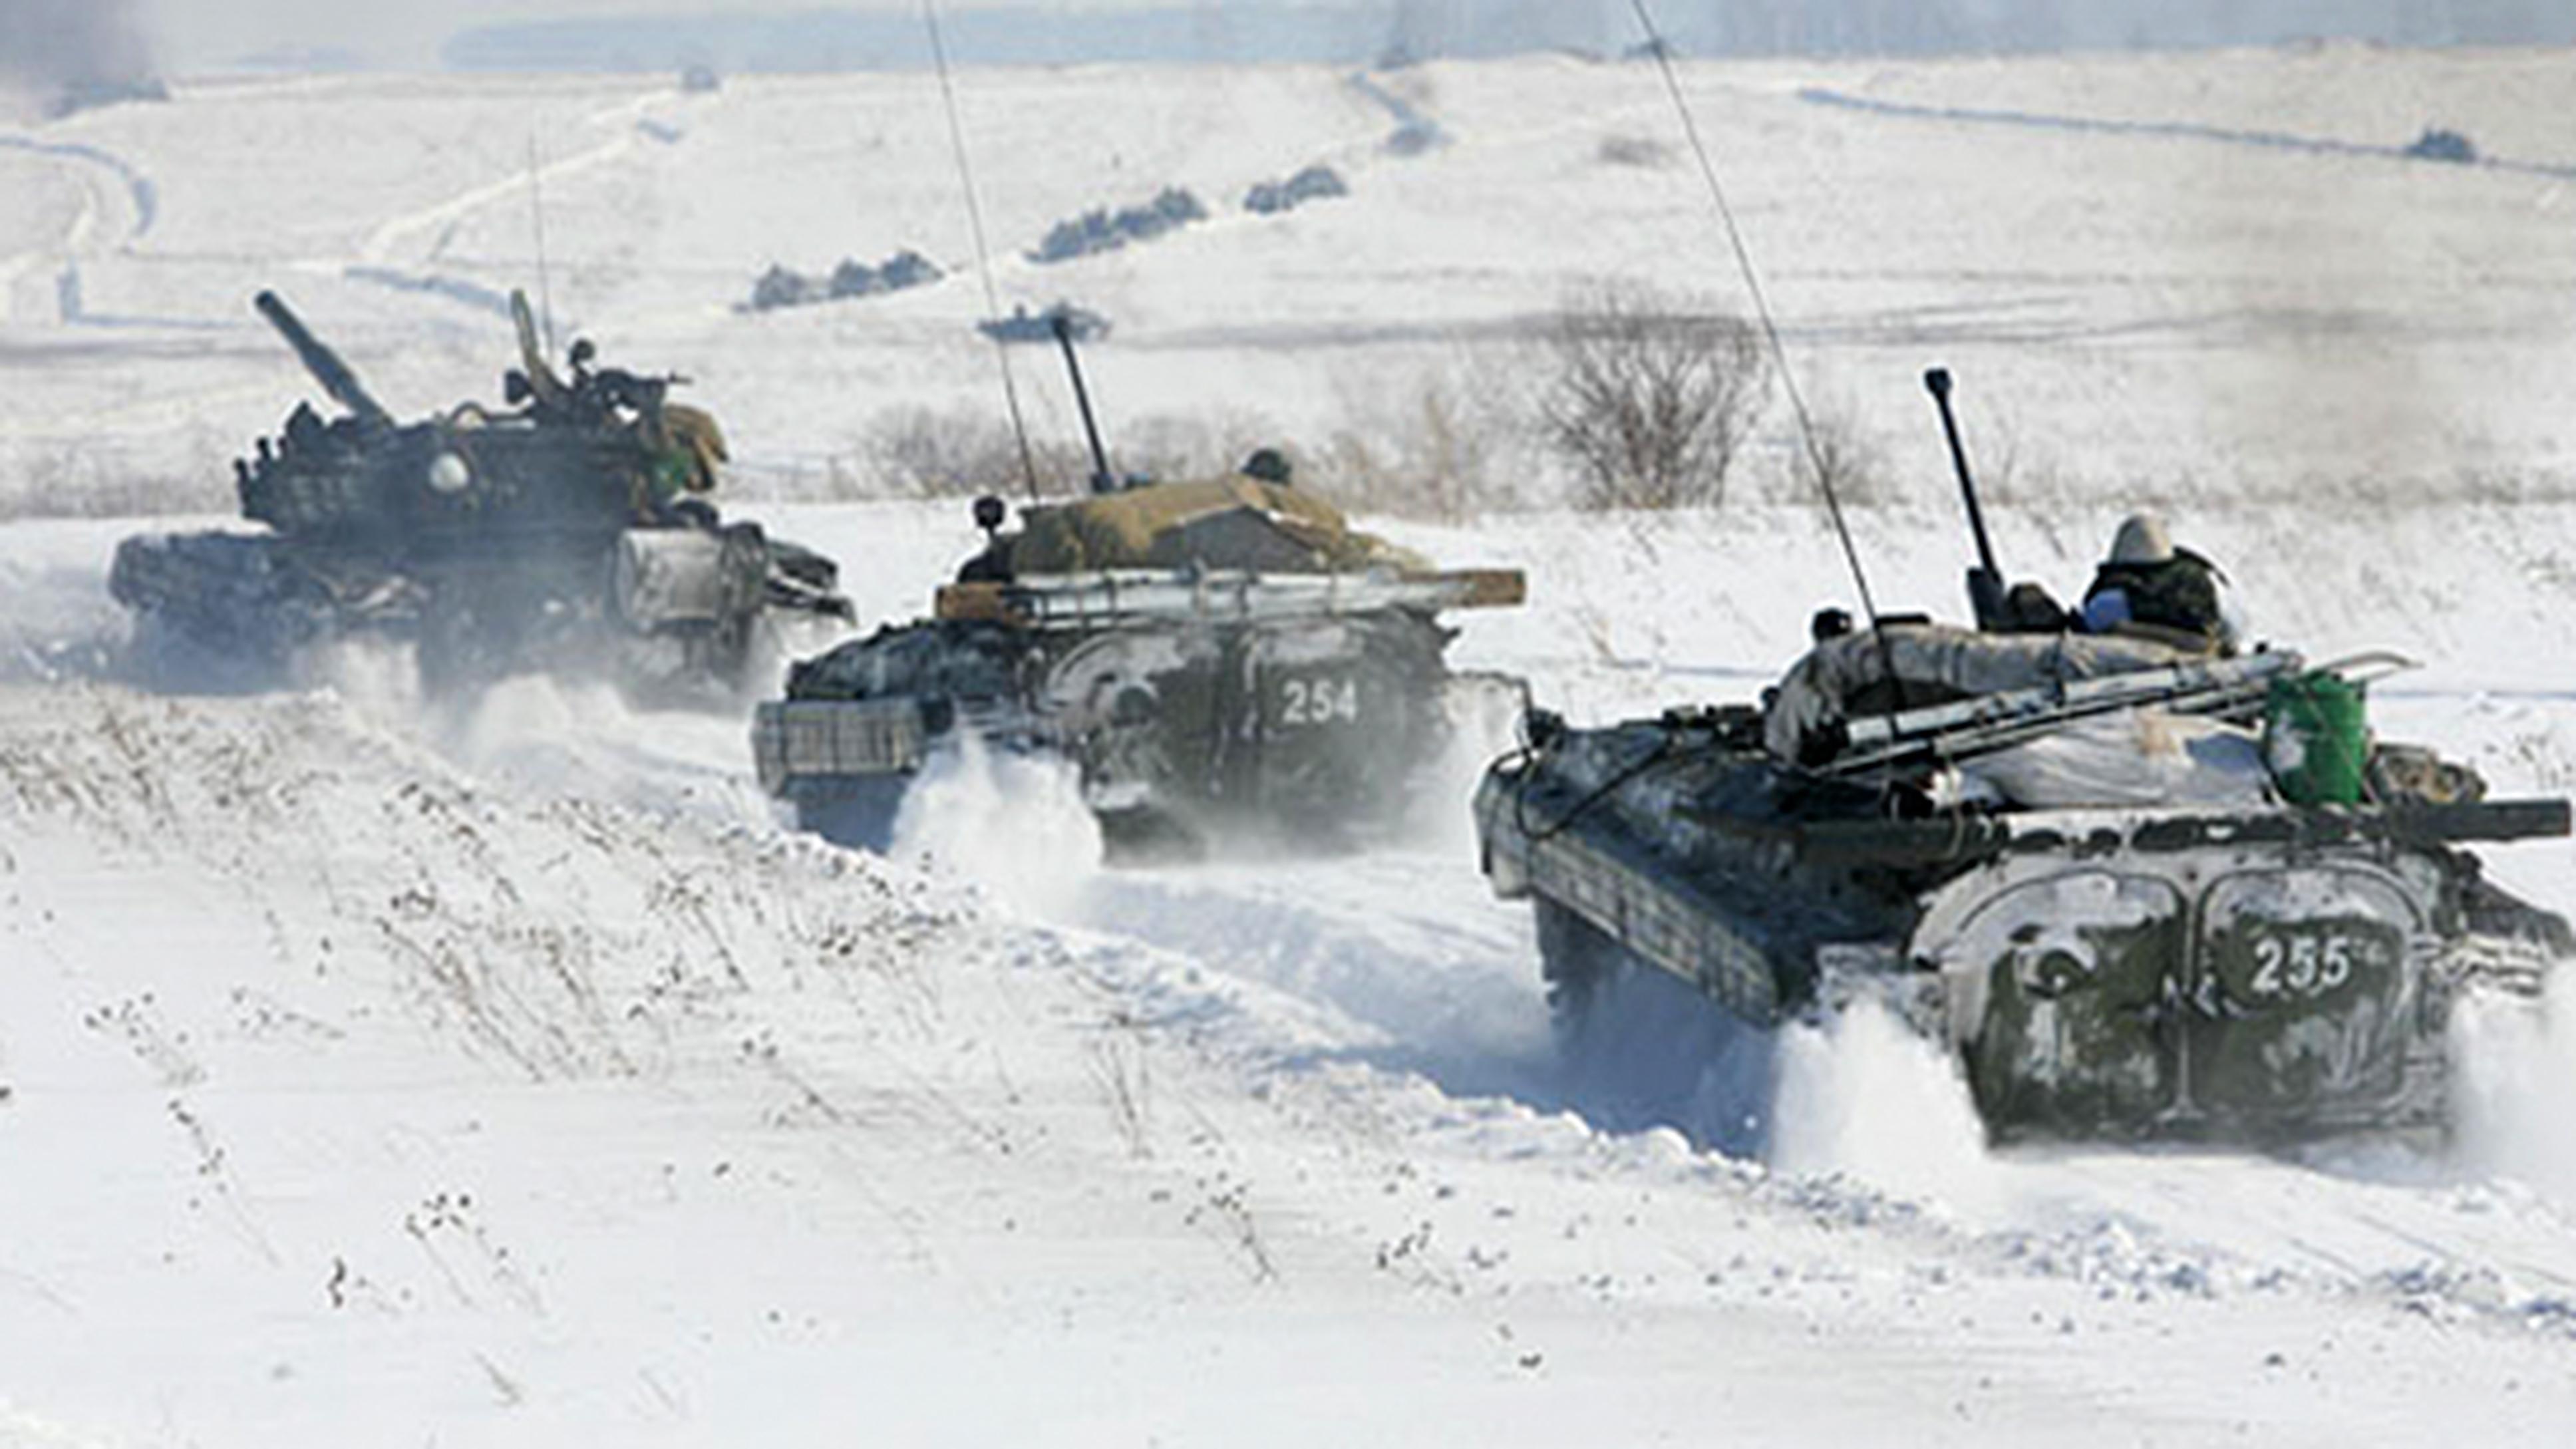 Более 2000 военнослужащих танковой армии ЗВО обеспечивали боеготовность в новогоднюю ночь